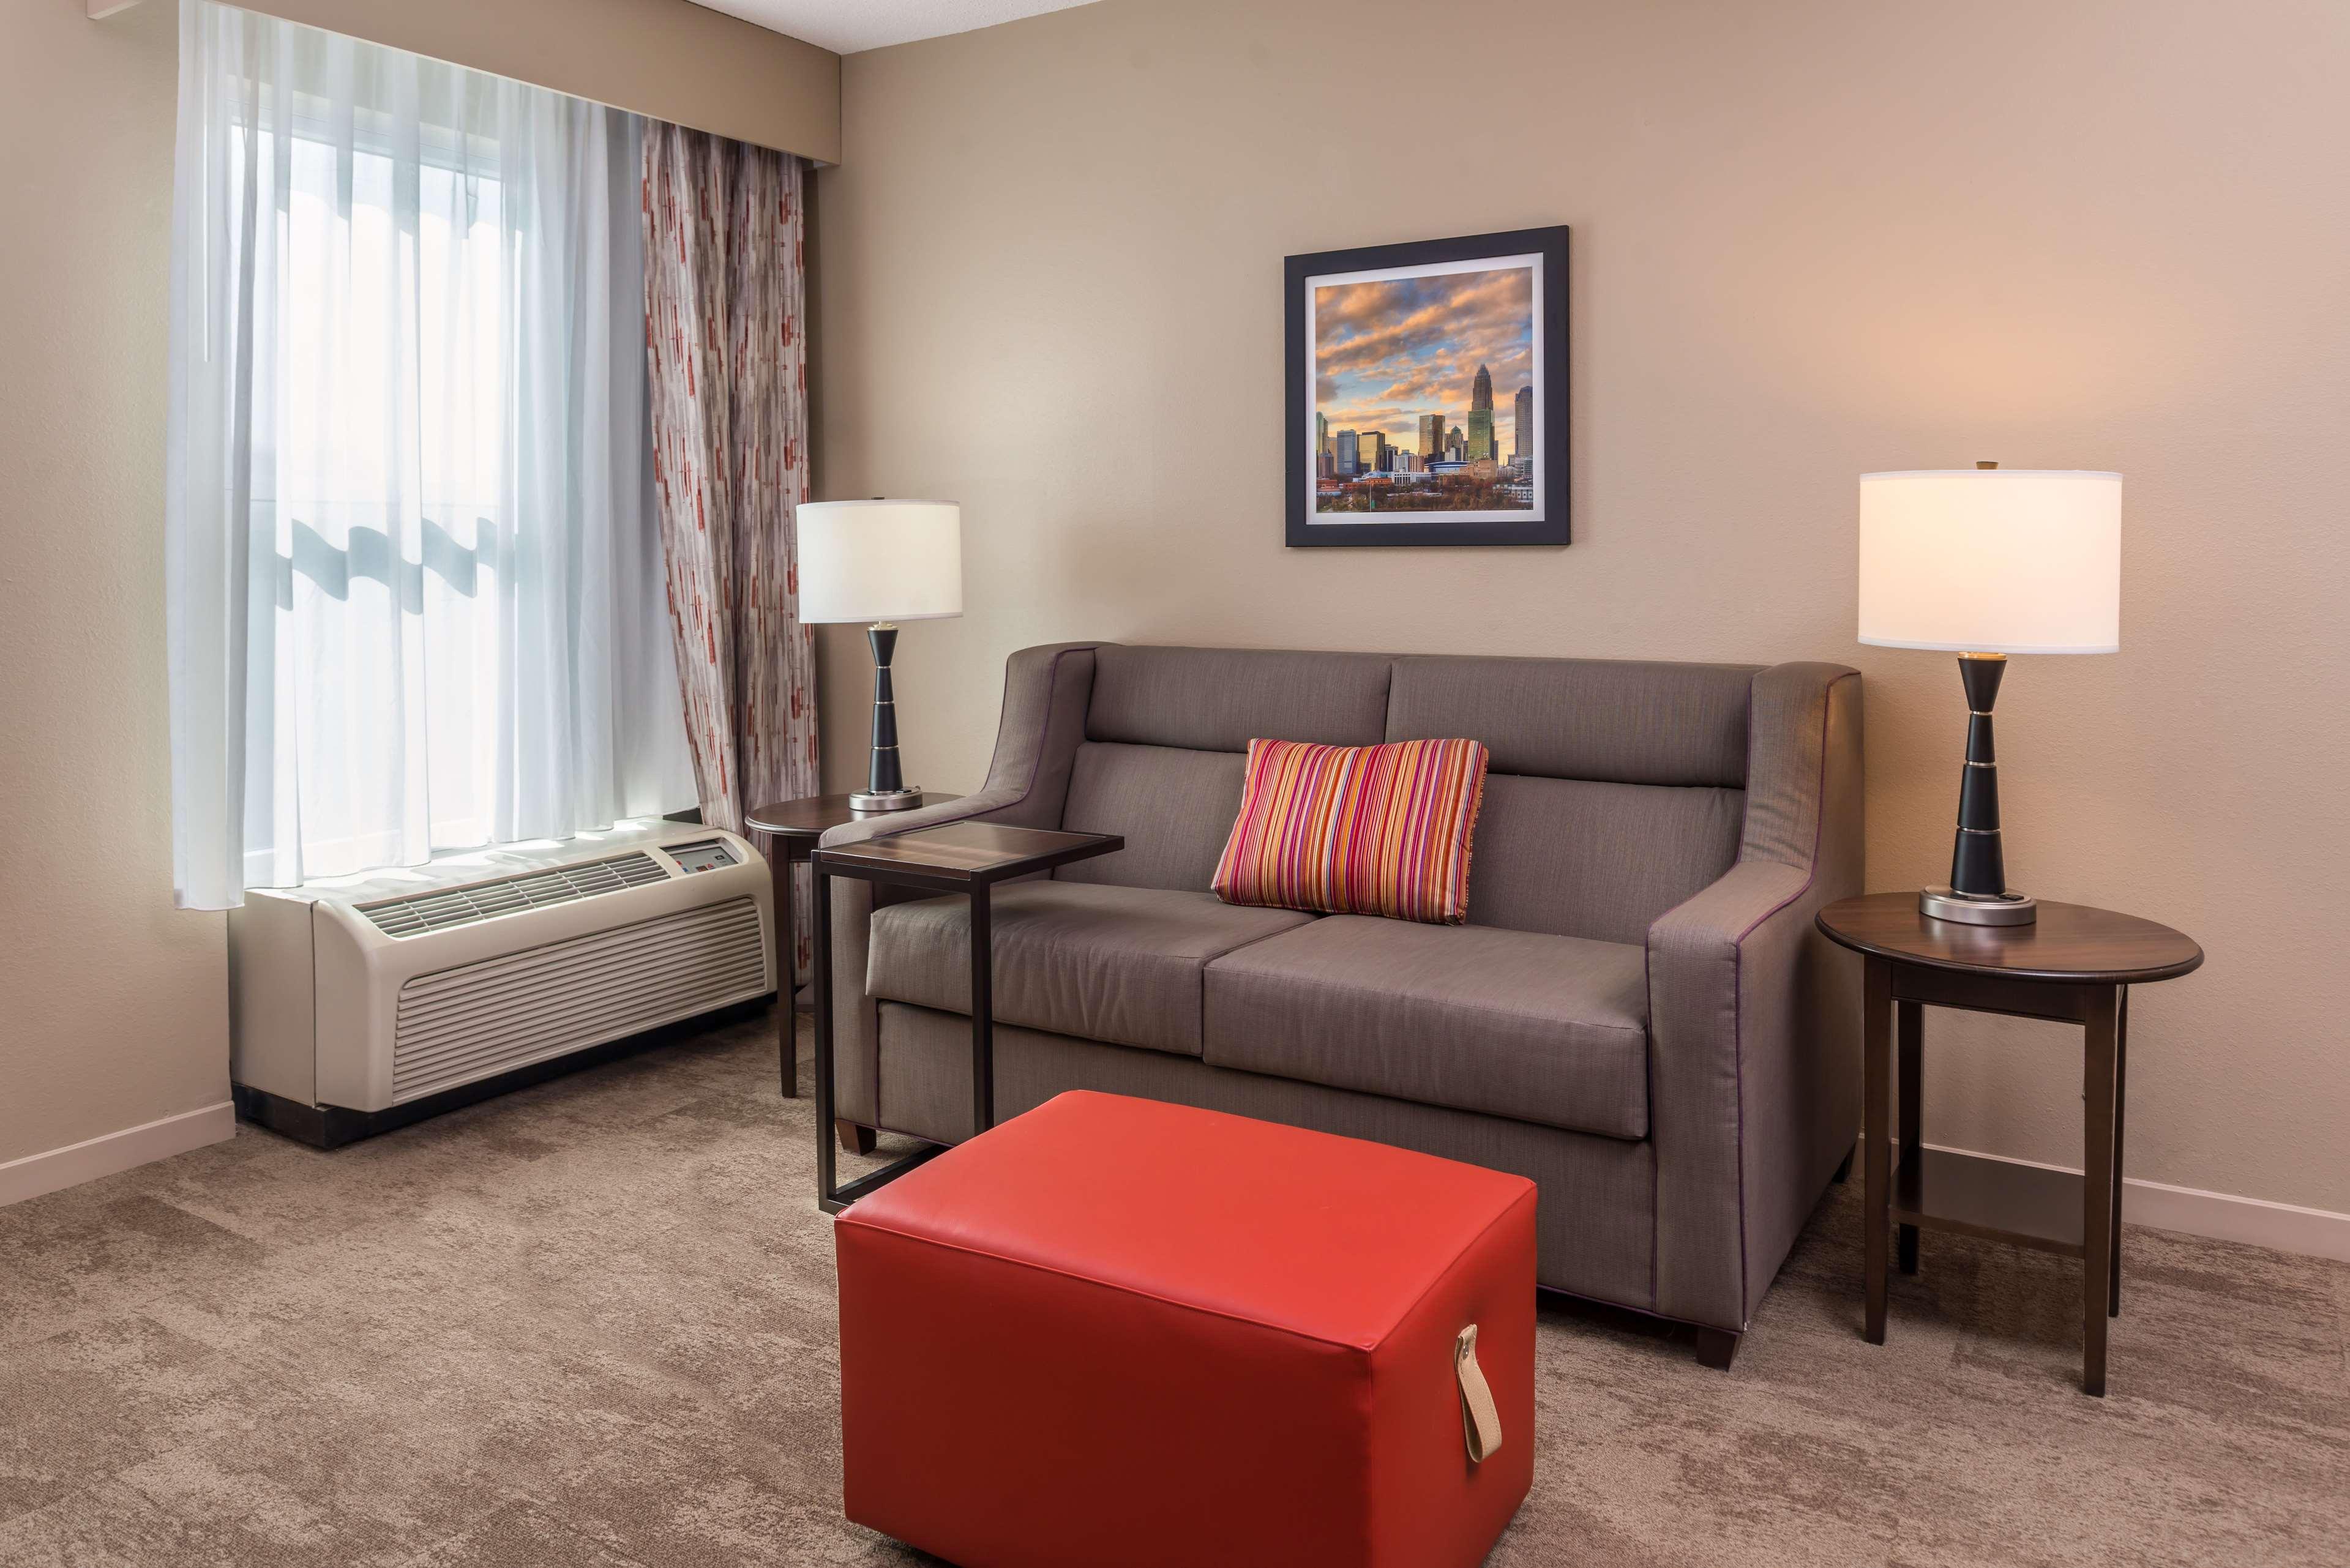 Hampton Inn & Suites Charlotte-Arrowood Rd. image 47